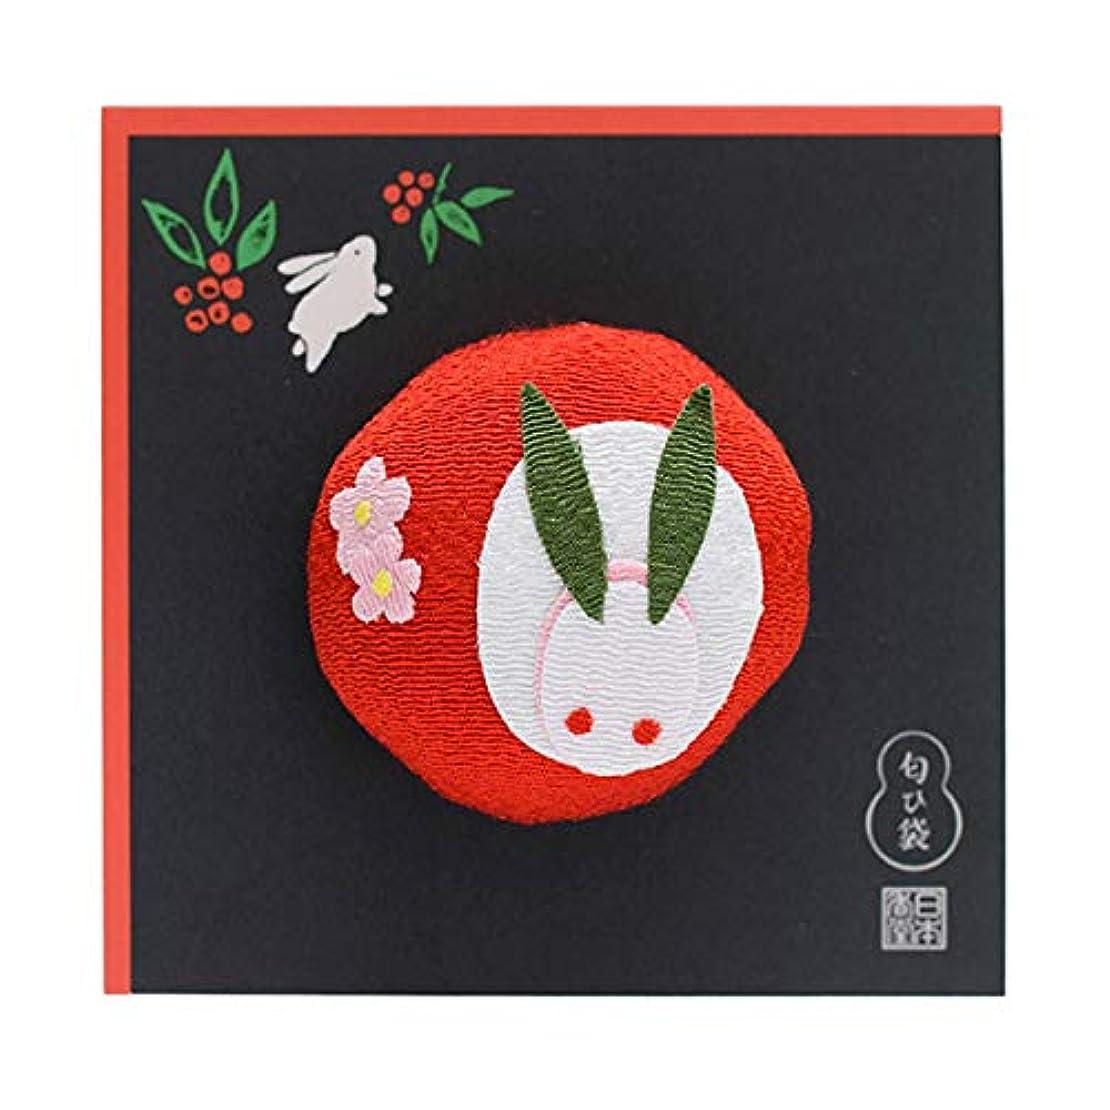 製品ほこり定義する日本香堂 香風景 匂ひ袋 南天うさぎ